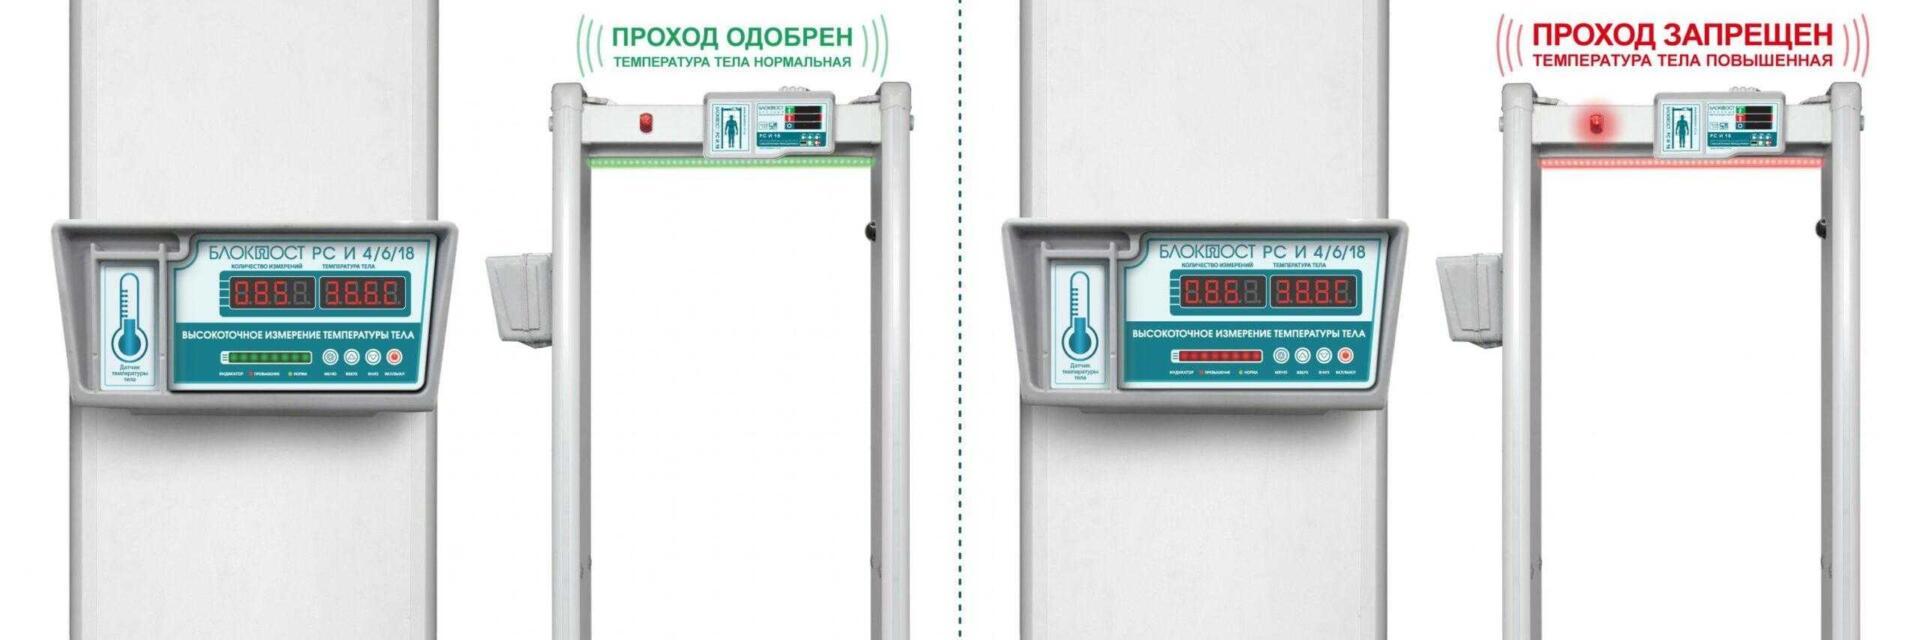 Sveto_zvukovaya_PCI-18.jpg